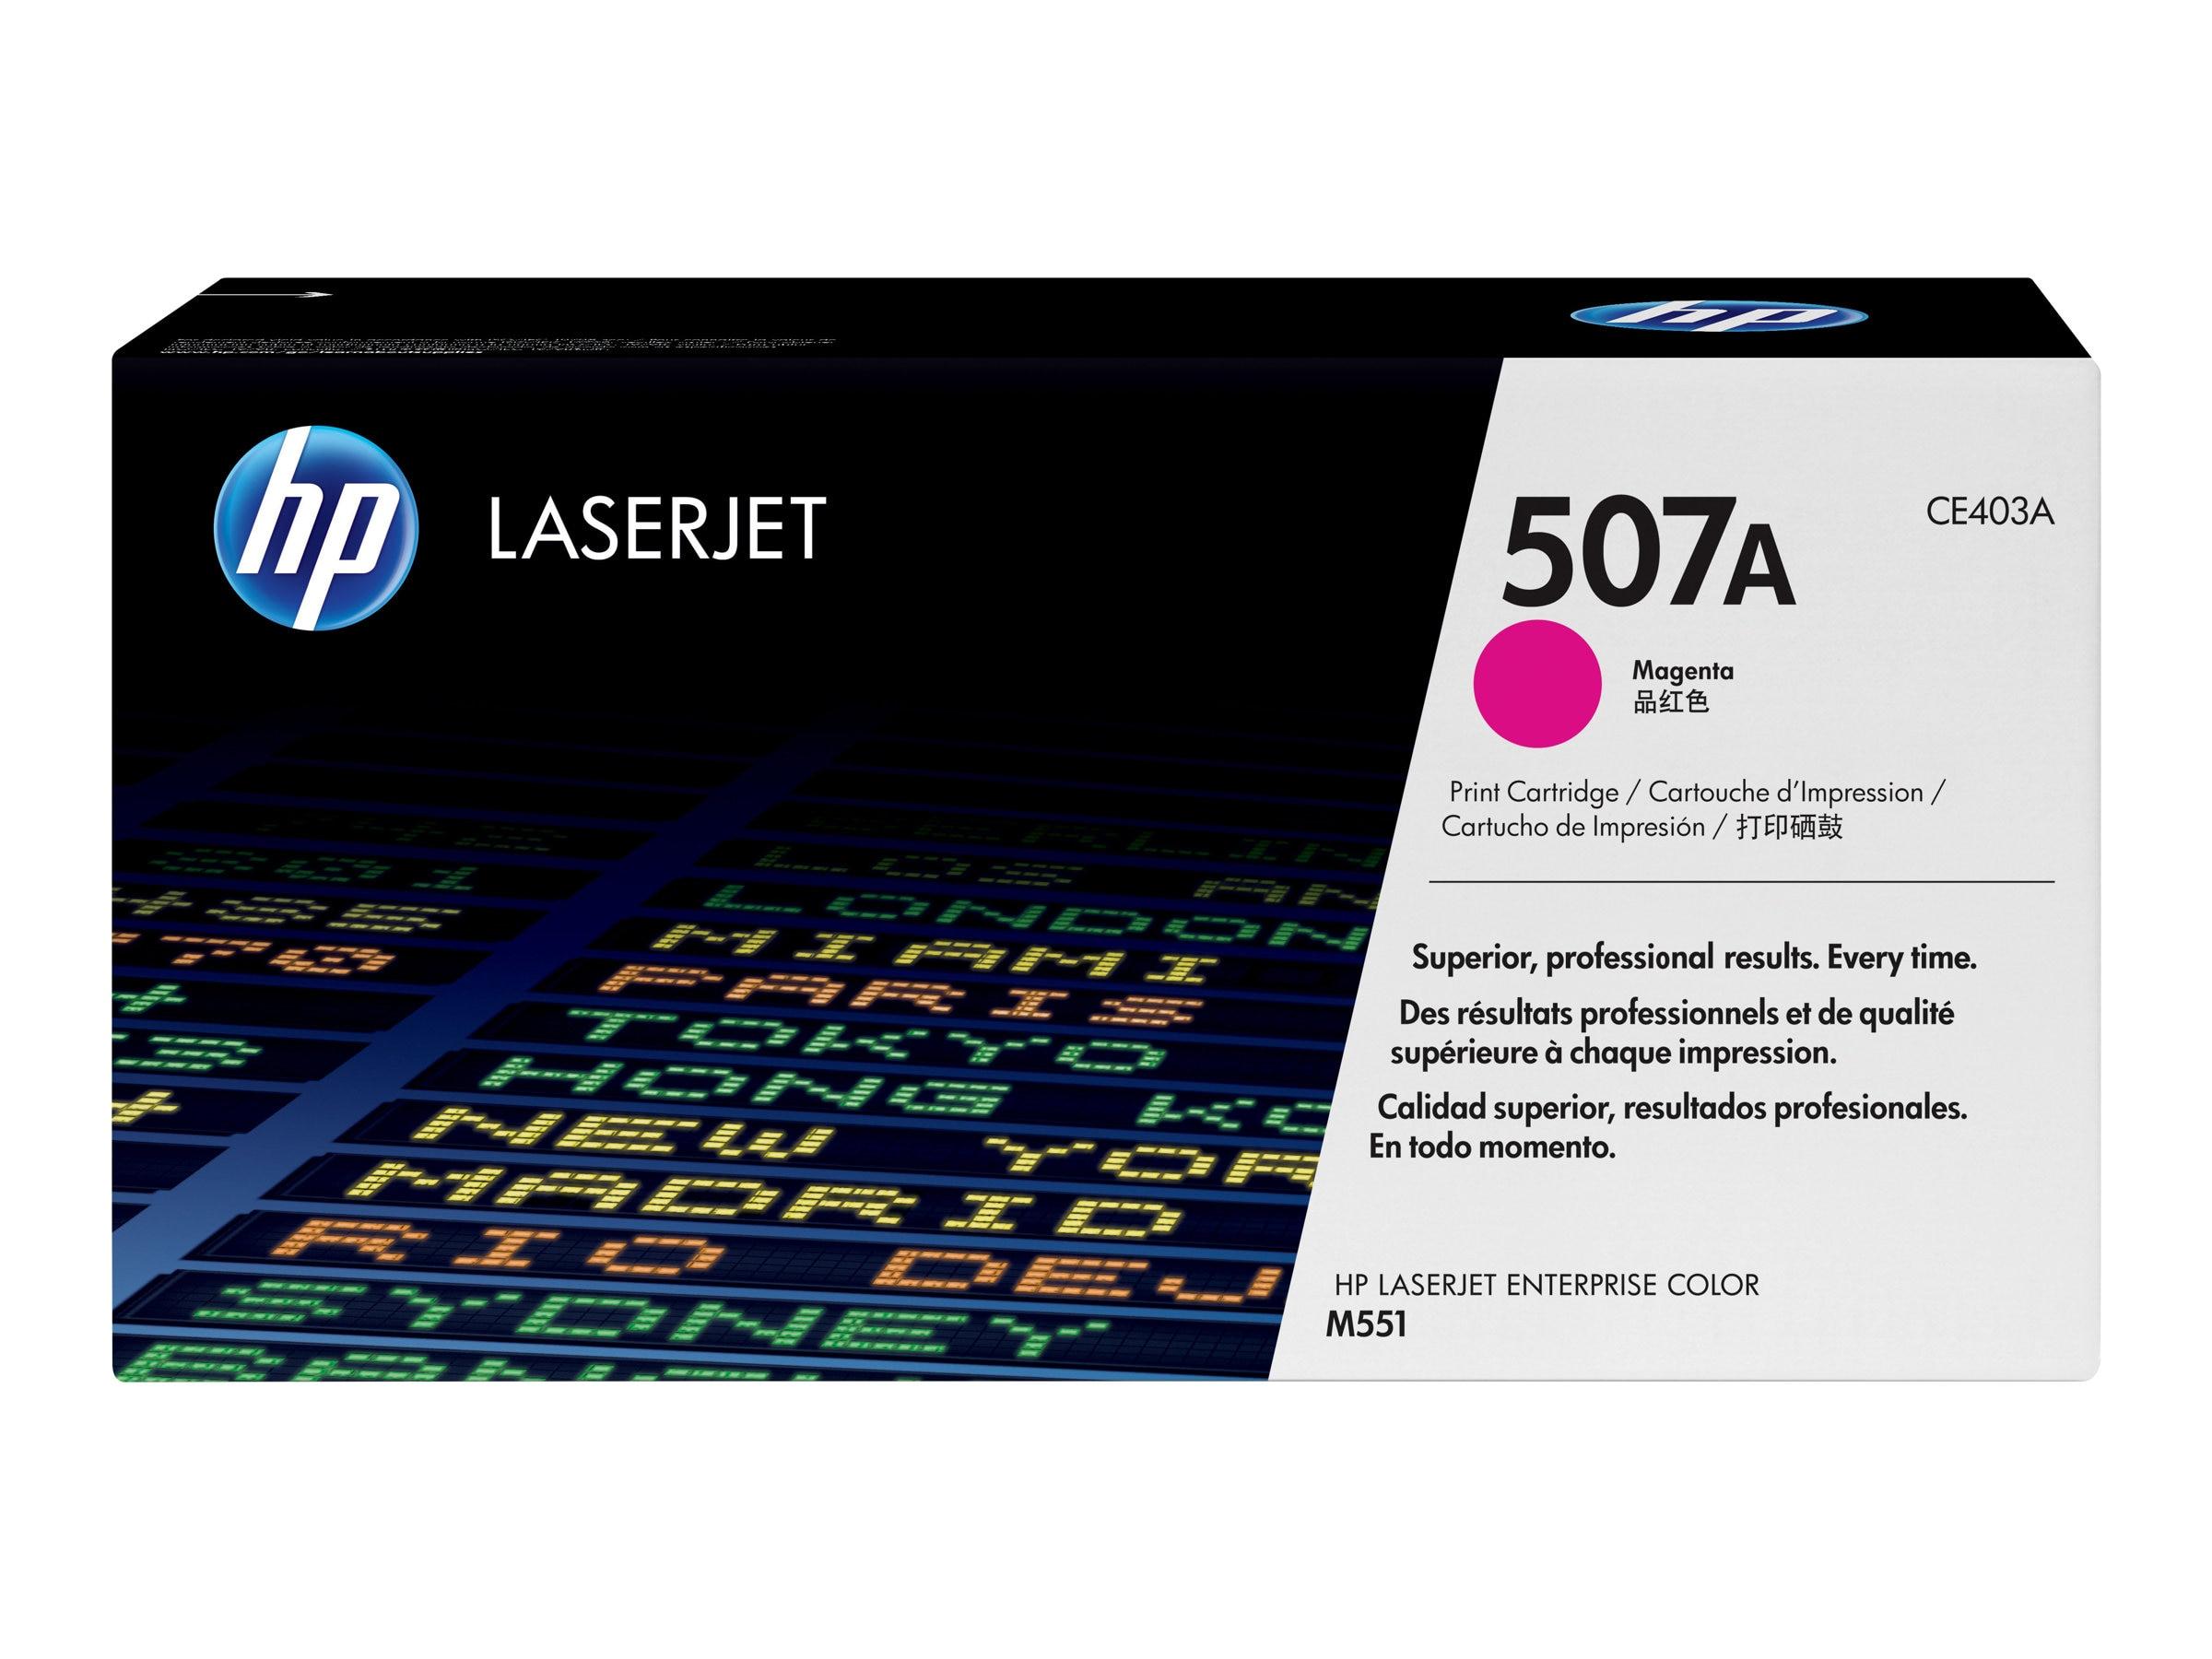 HP 507A (CE403A) Magenta Original LaserJet Toner Cartridge, CE403A, 13266570, Toner and Imaging Components